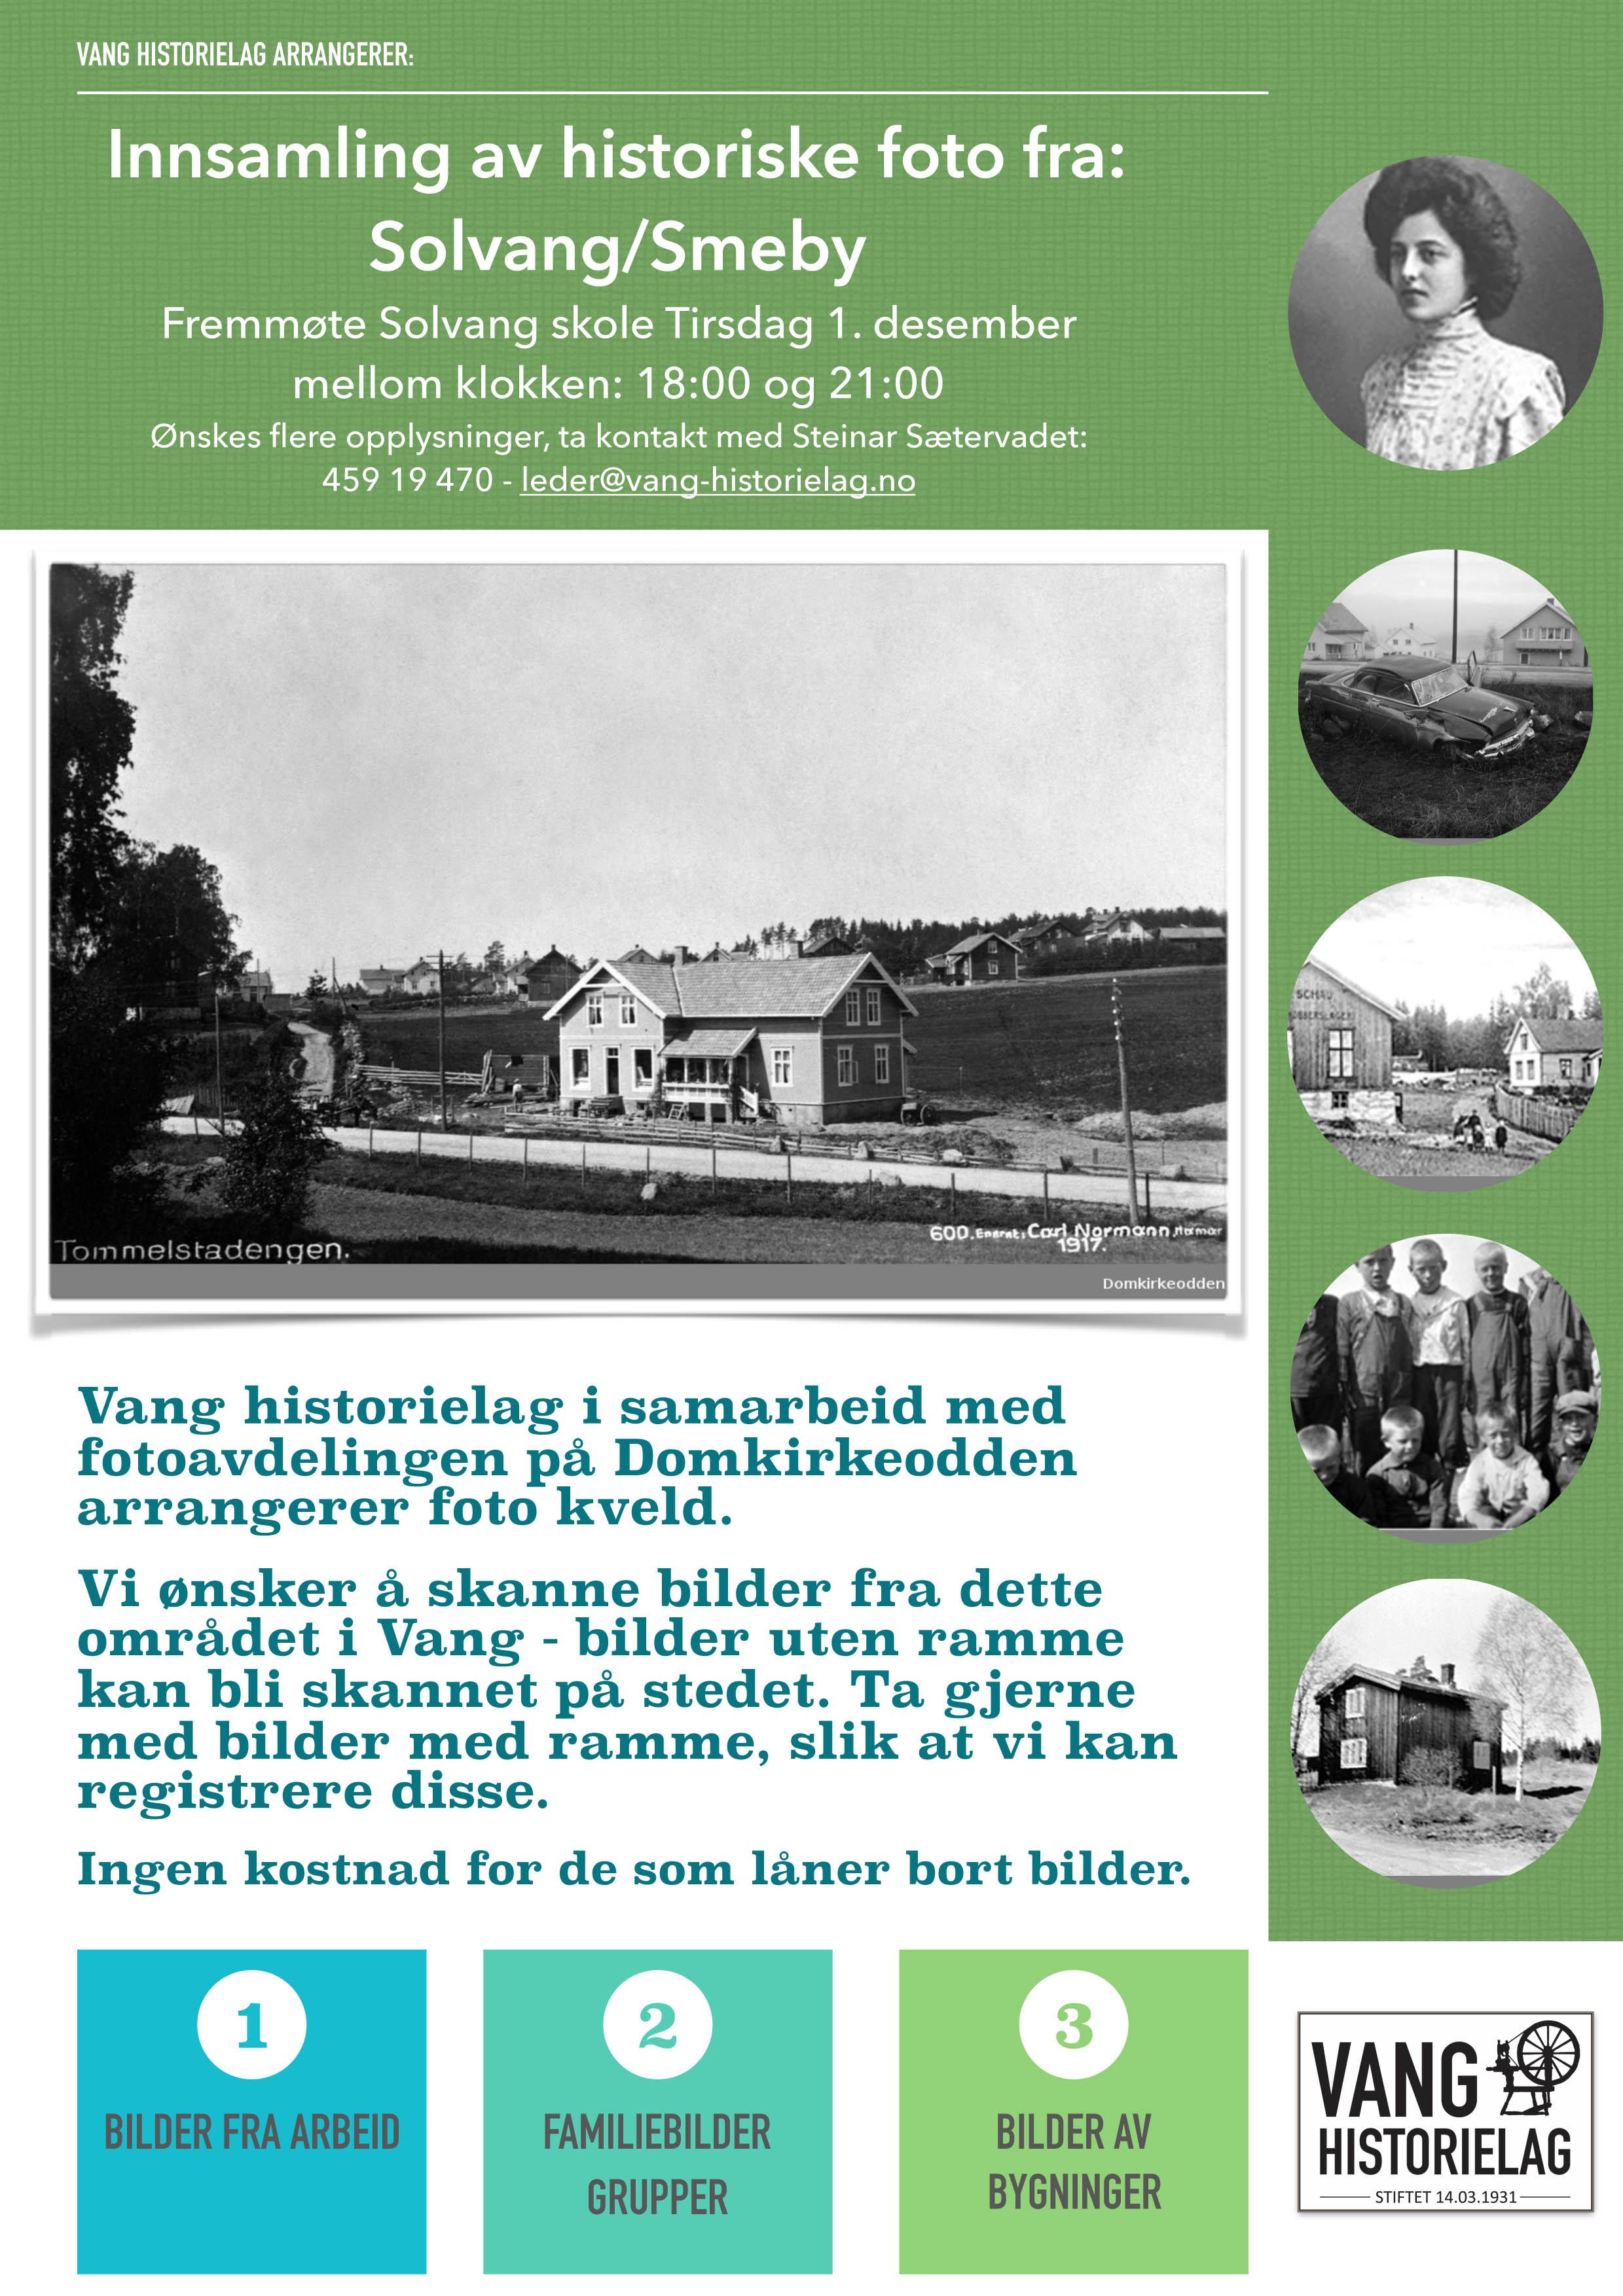 Innsamling av historiske foto fra Solvang/Smeby